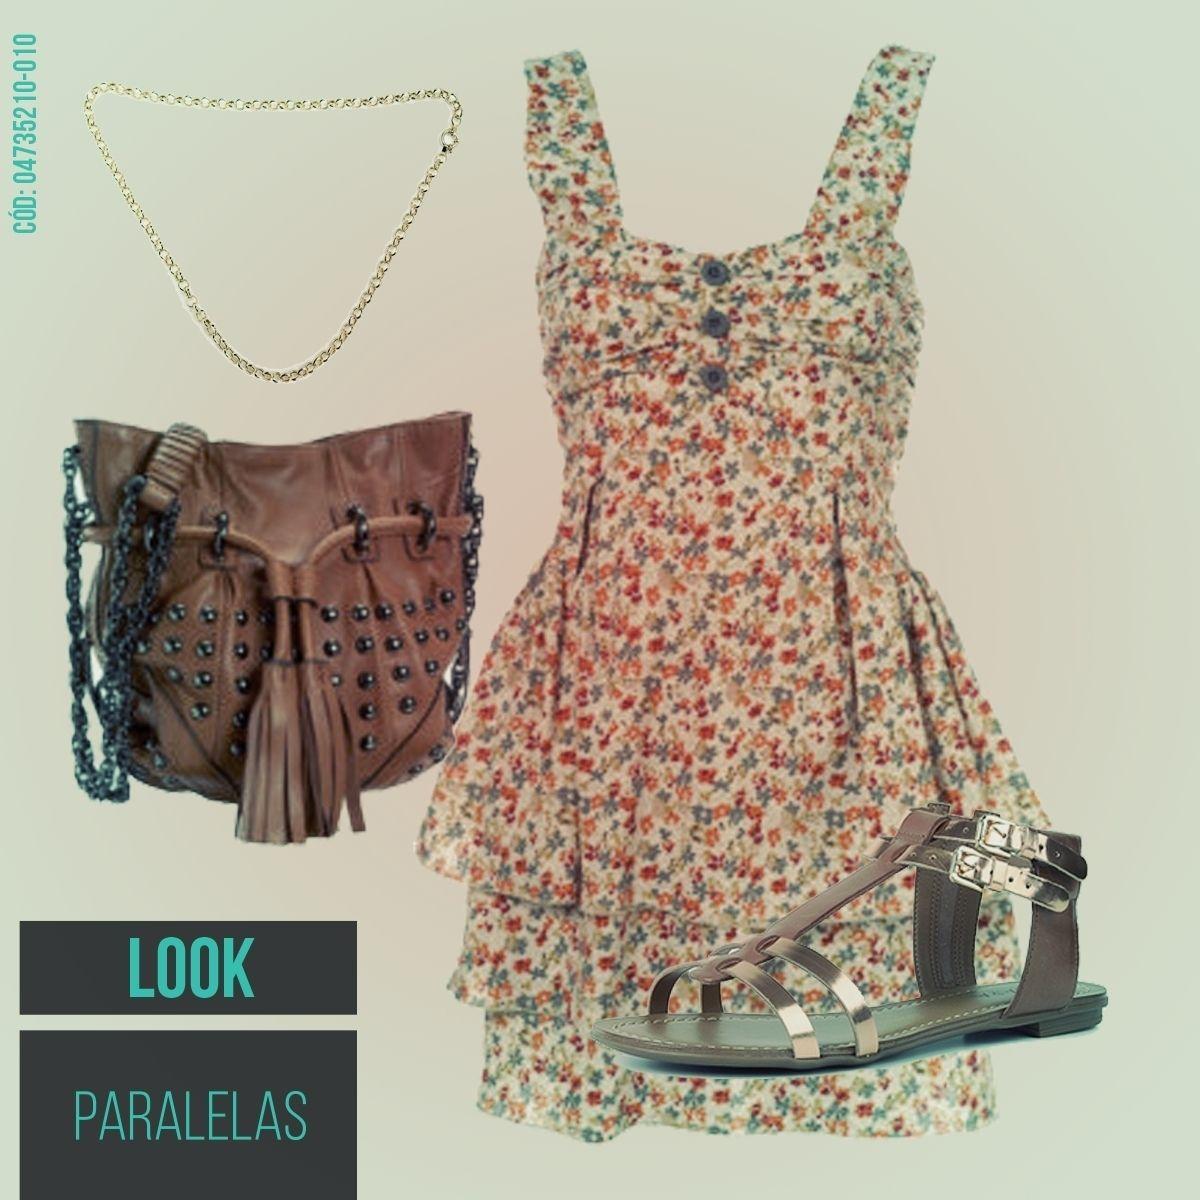 Para combinar com esse verão, um look simples, romântico e fresquinho é a pedida #Rasterinha #estilo